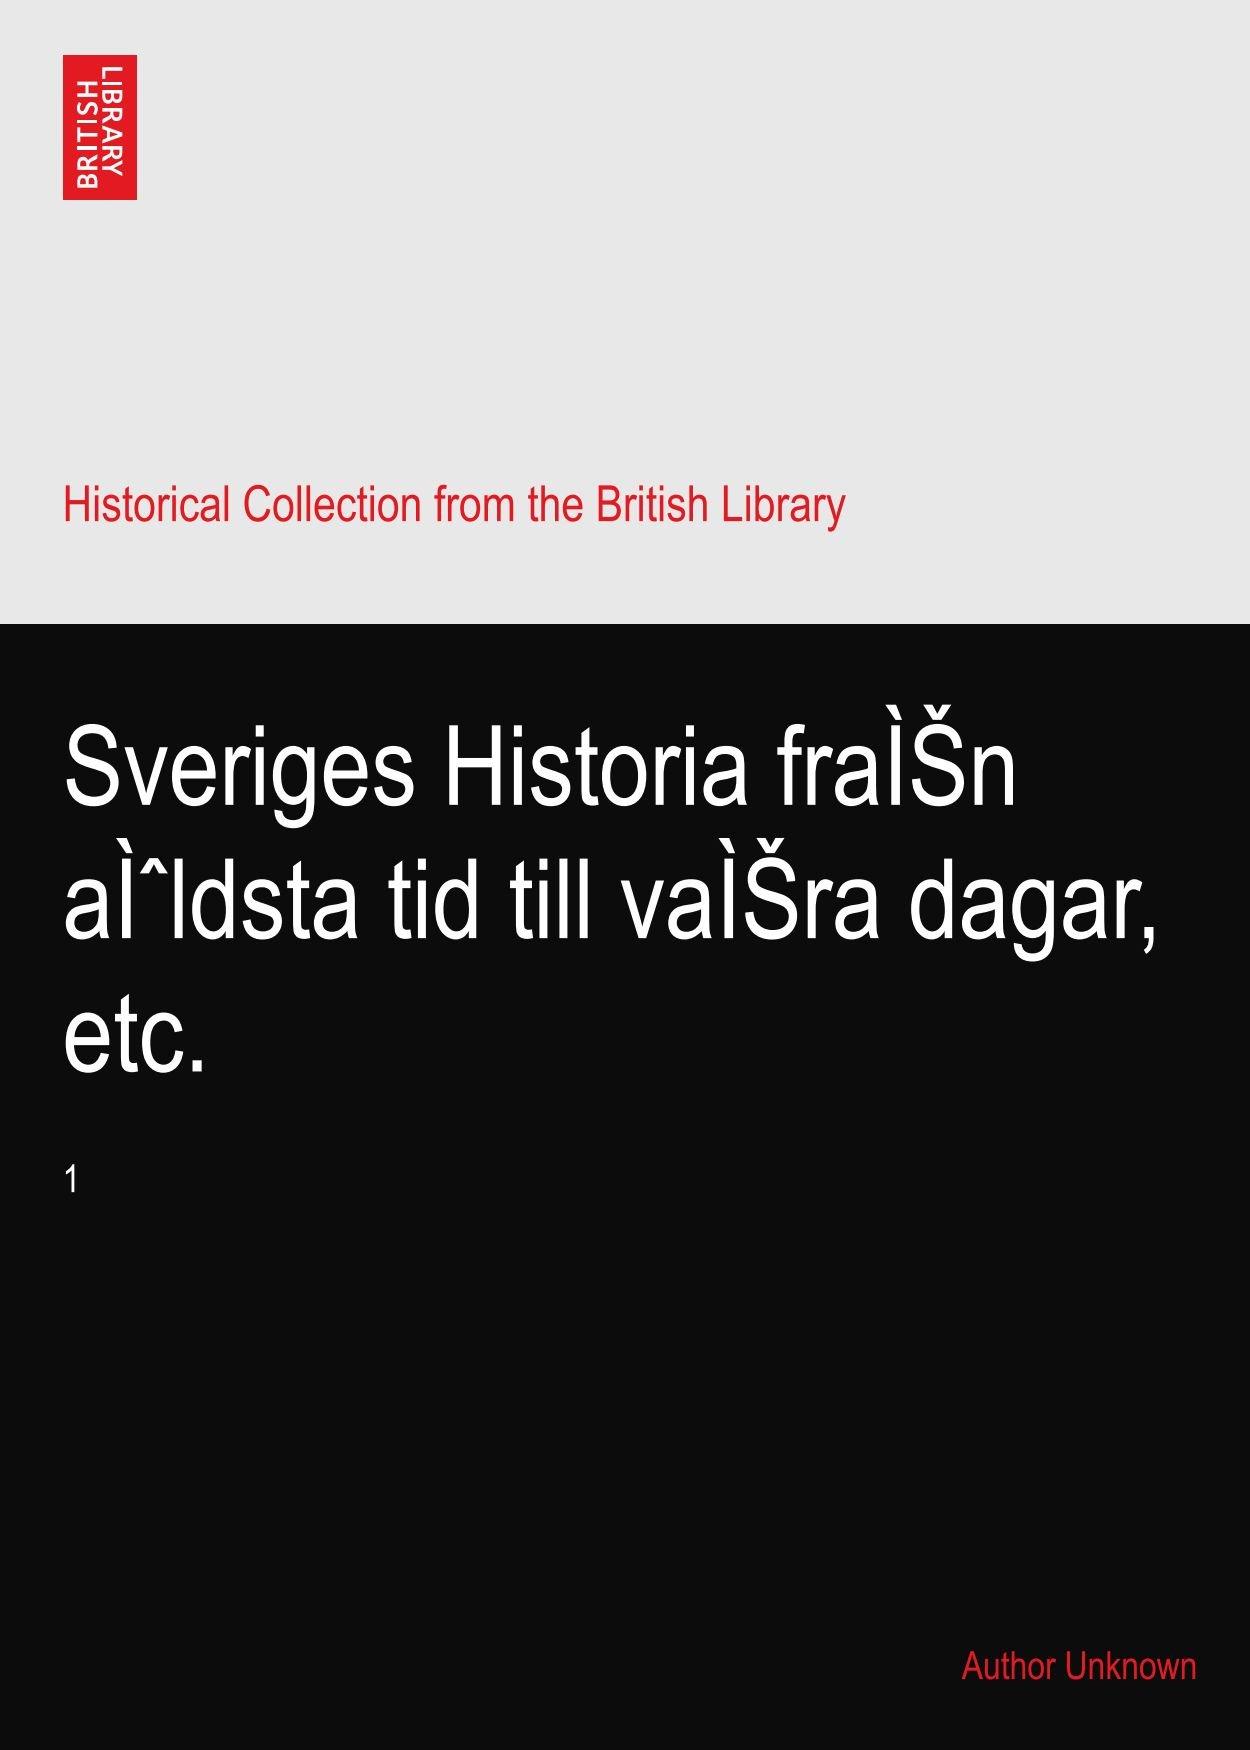 Sveriges Historia från äldsta tid till våra dagar, etc.: 1